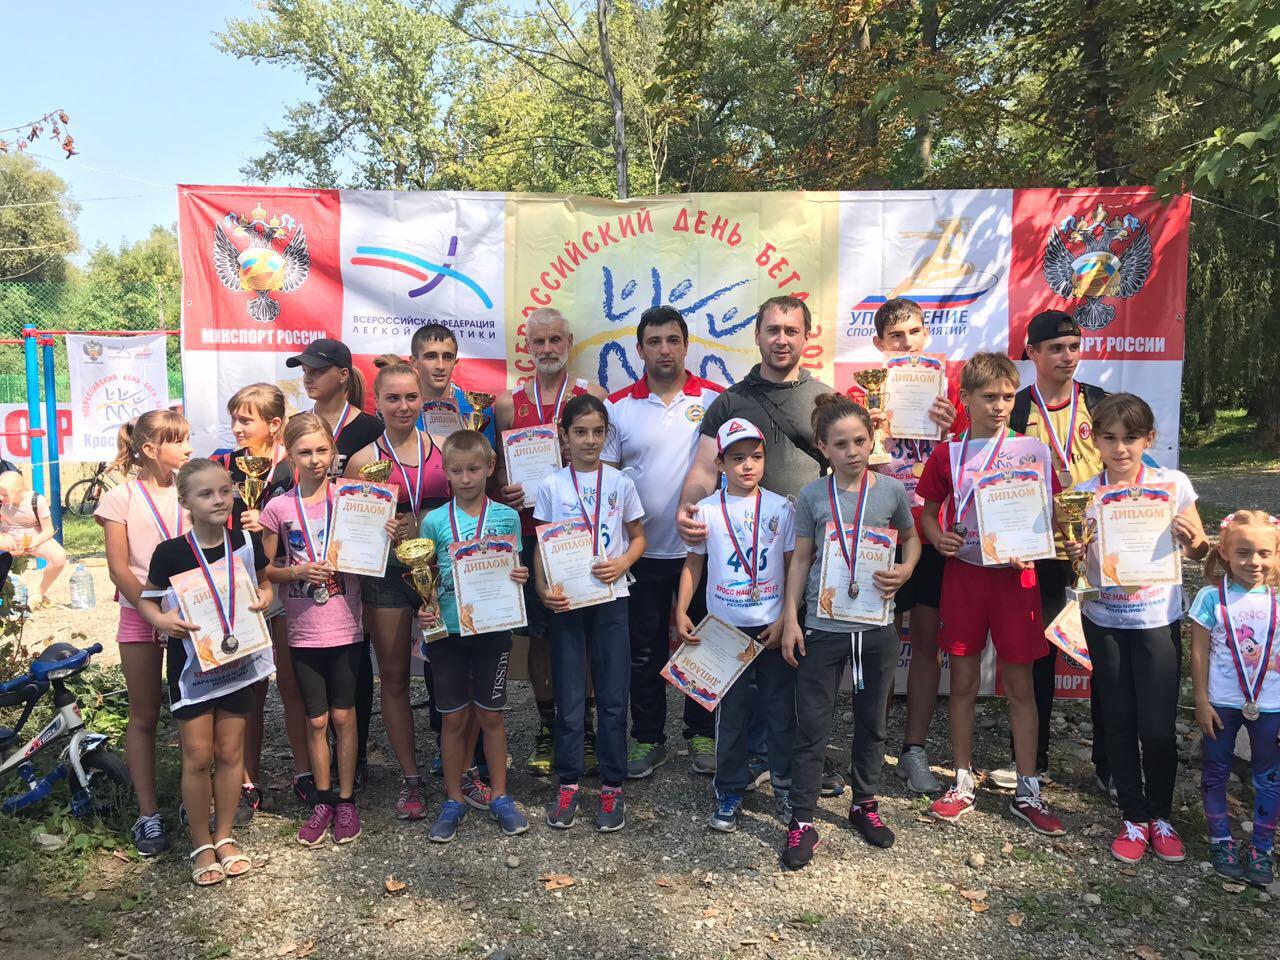 Спортсмены из Зеленчукской призеры «Кросса нации»